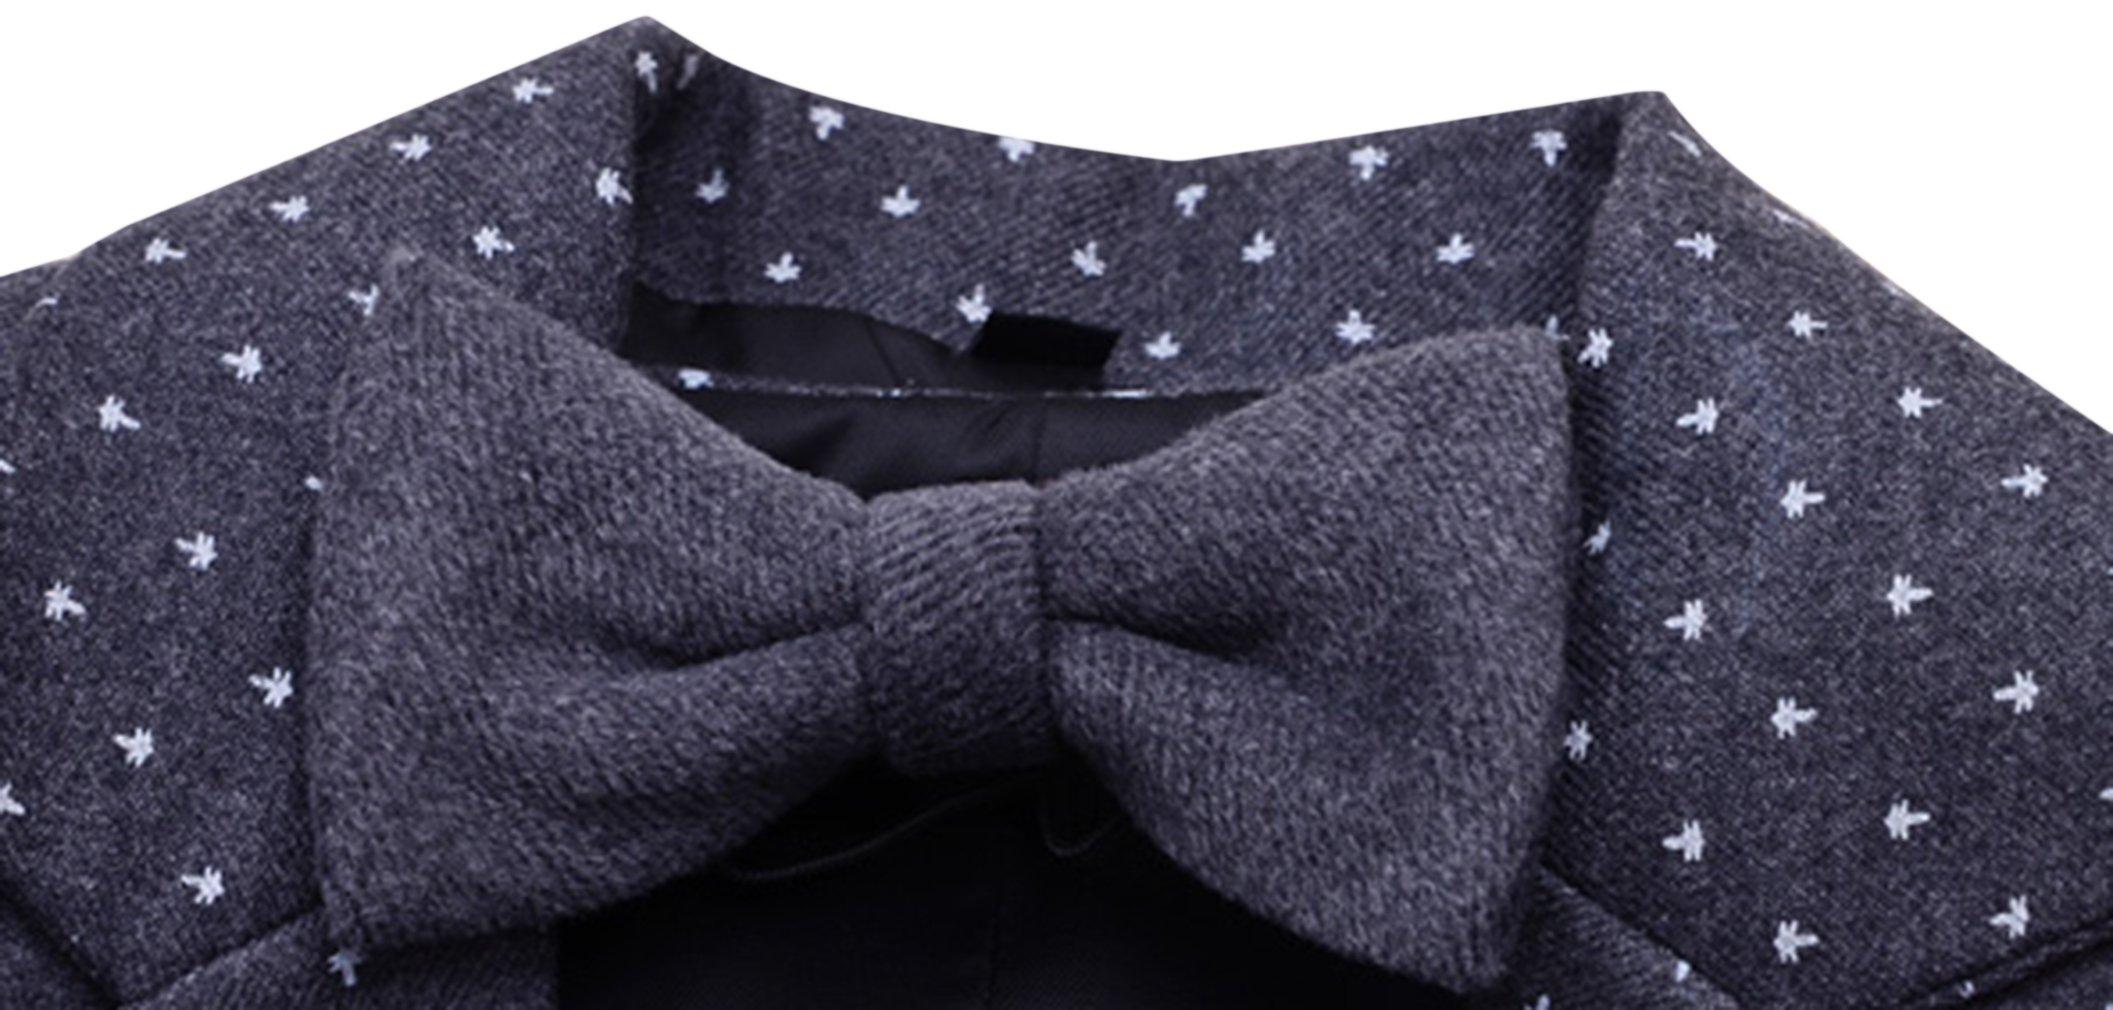 La Vogue Boys Formal 5 Piece Dress Suit Jacket Vest Shirt Pant and Bow S7 by La Vogue (Image #5)